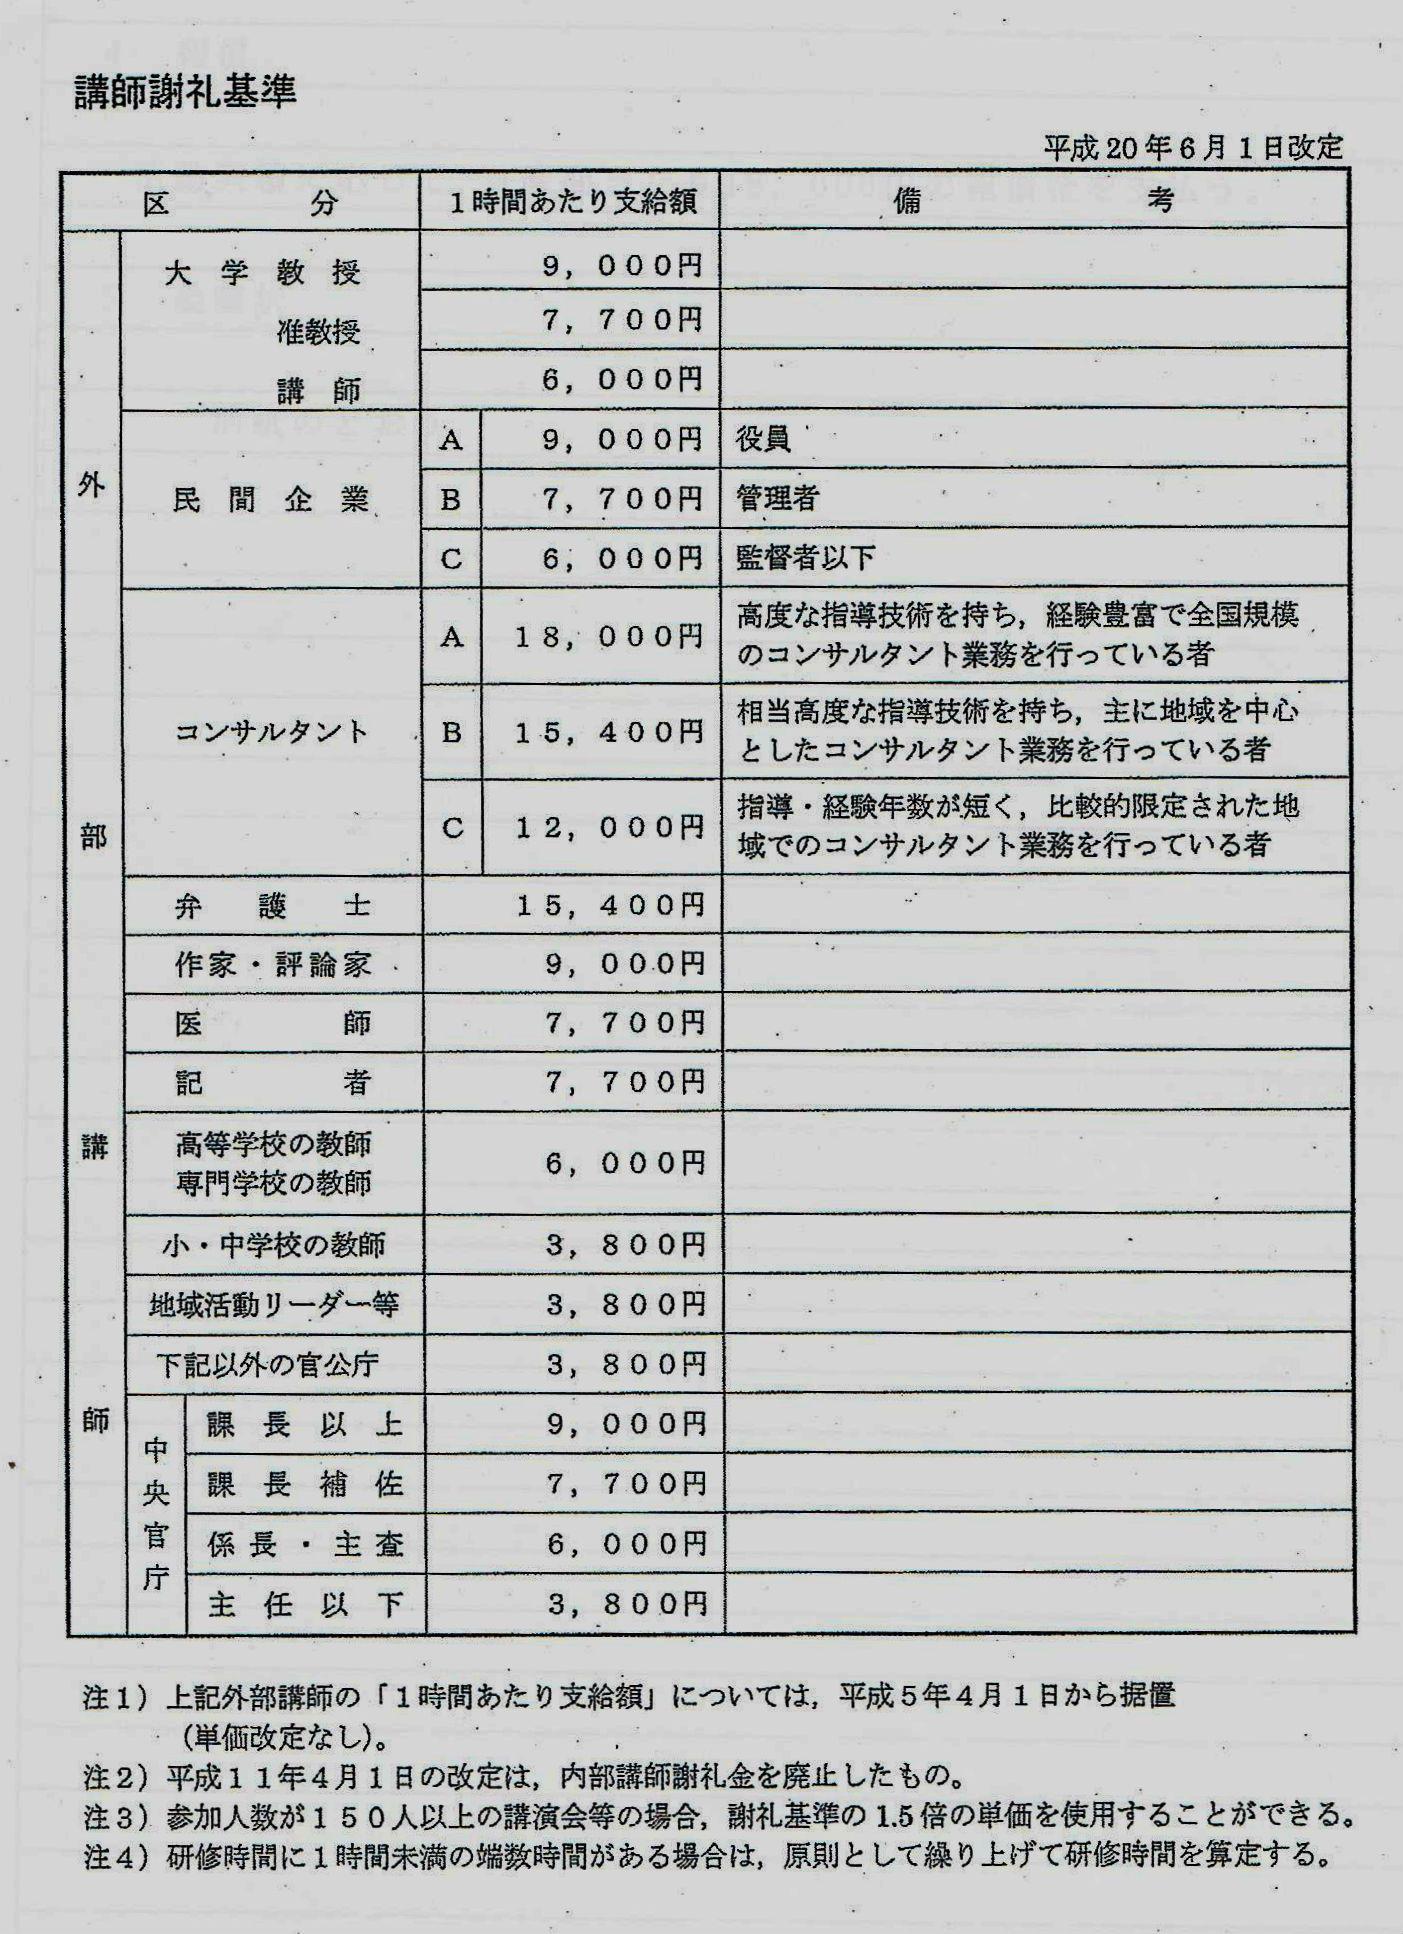 http://hunter-investigate.jp/news/57a3bd784e29c8532b655a14bf474b22be577c38.jpg